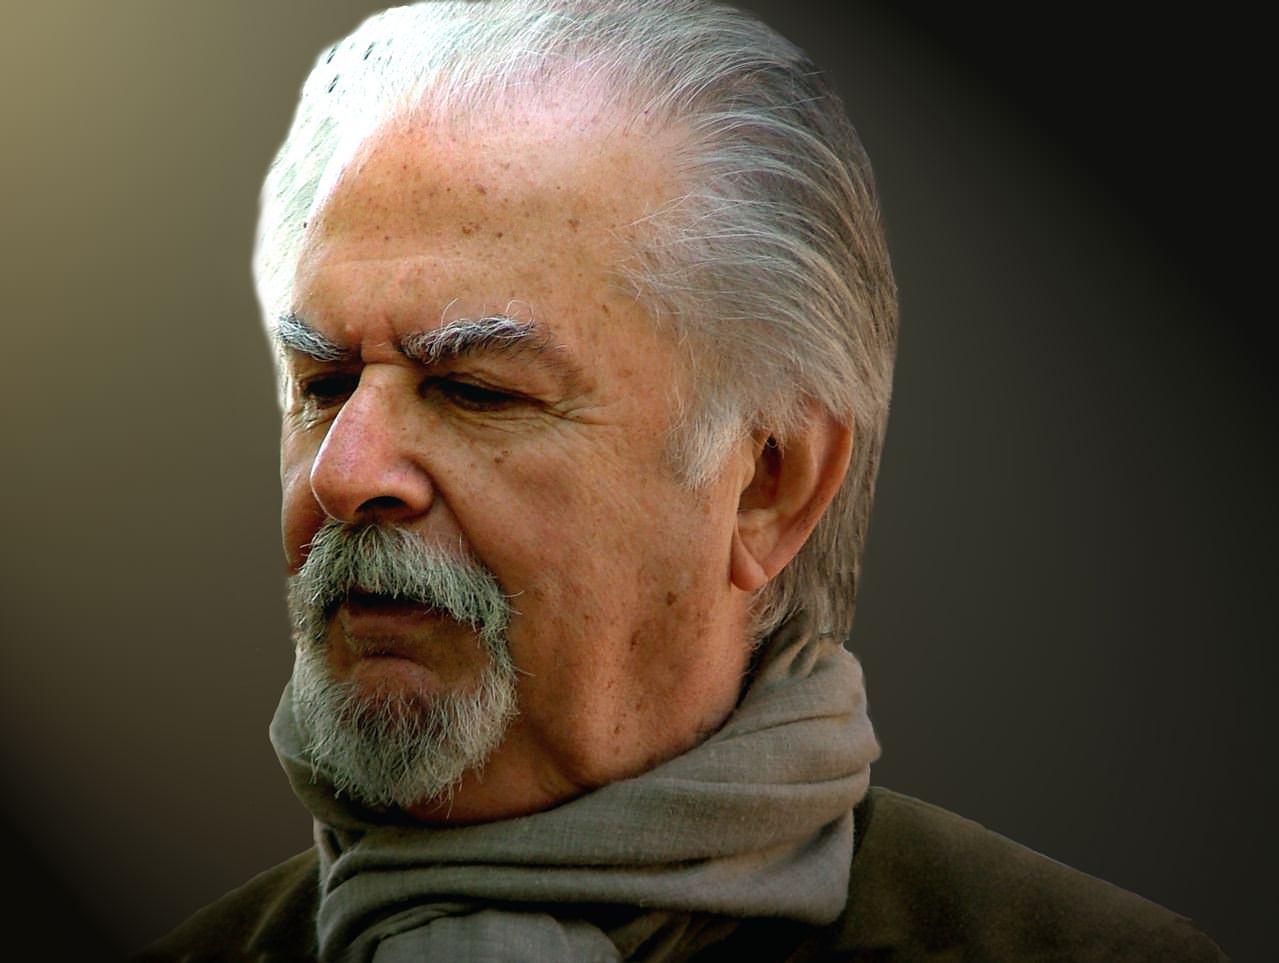 «No le debo una lira al fisco de Italia», responde el artista Fernando Botero